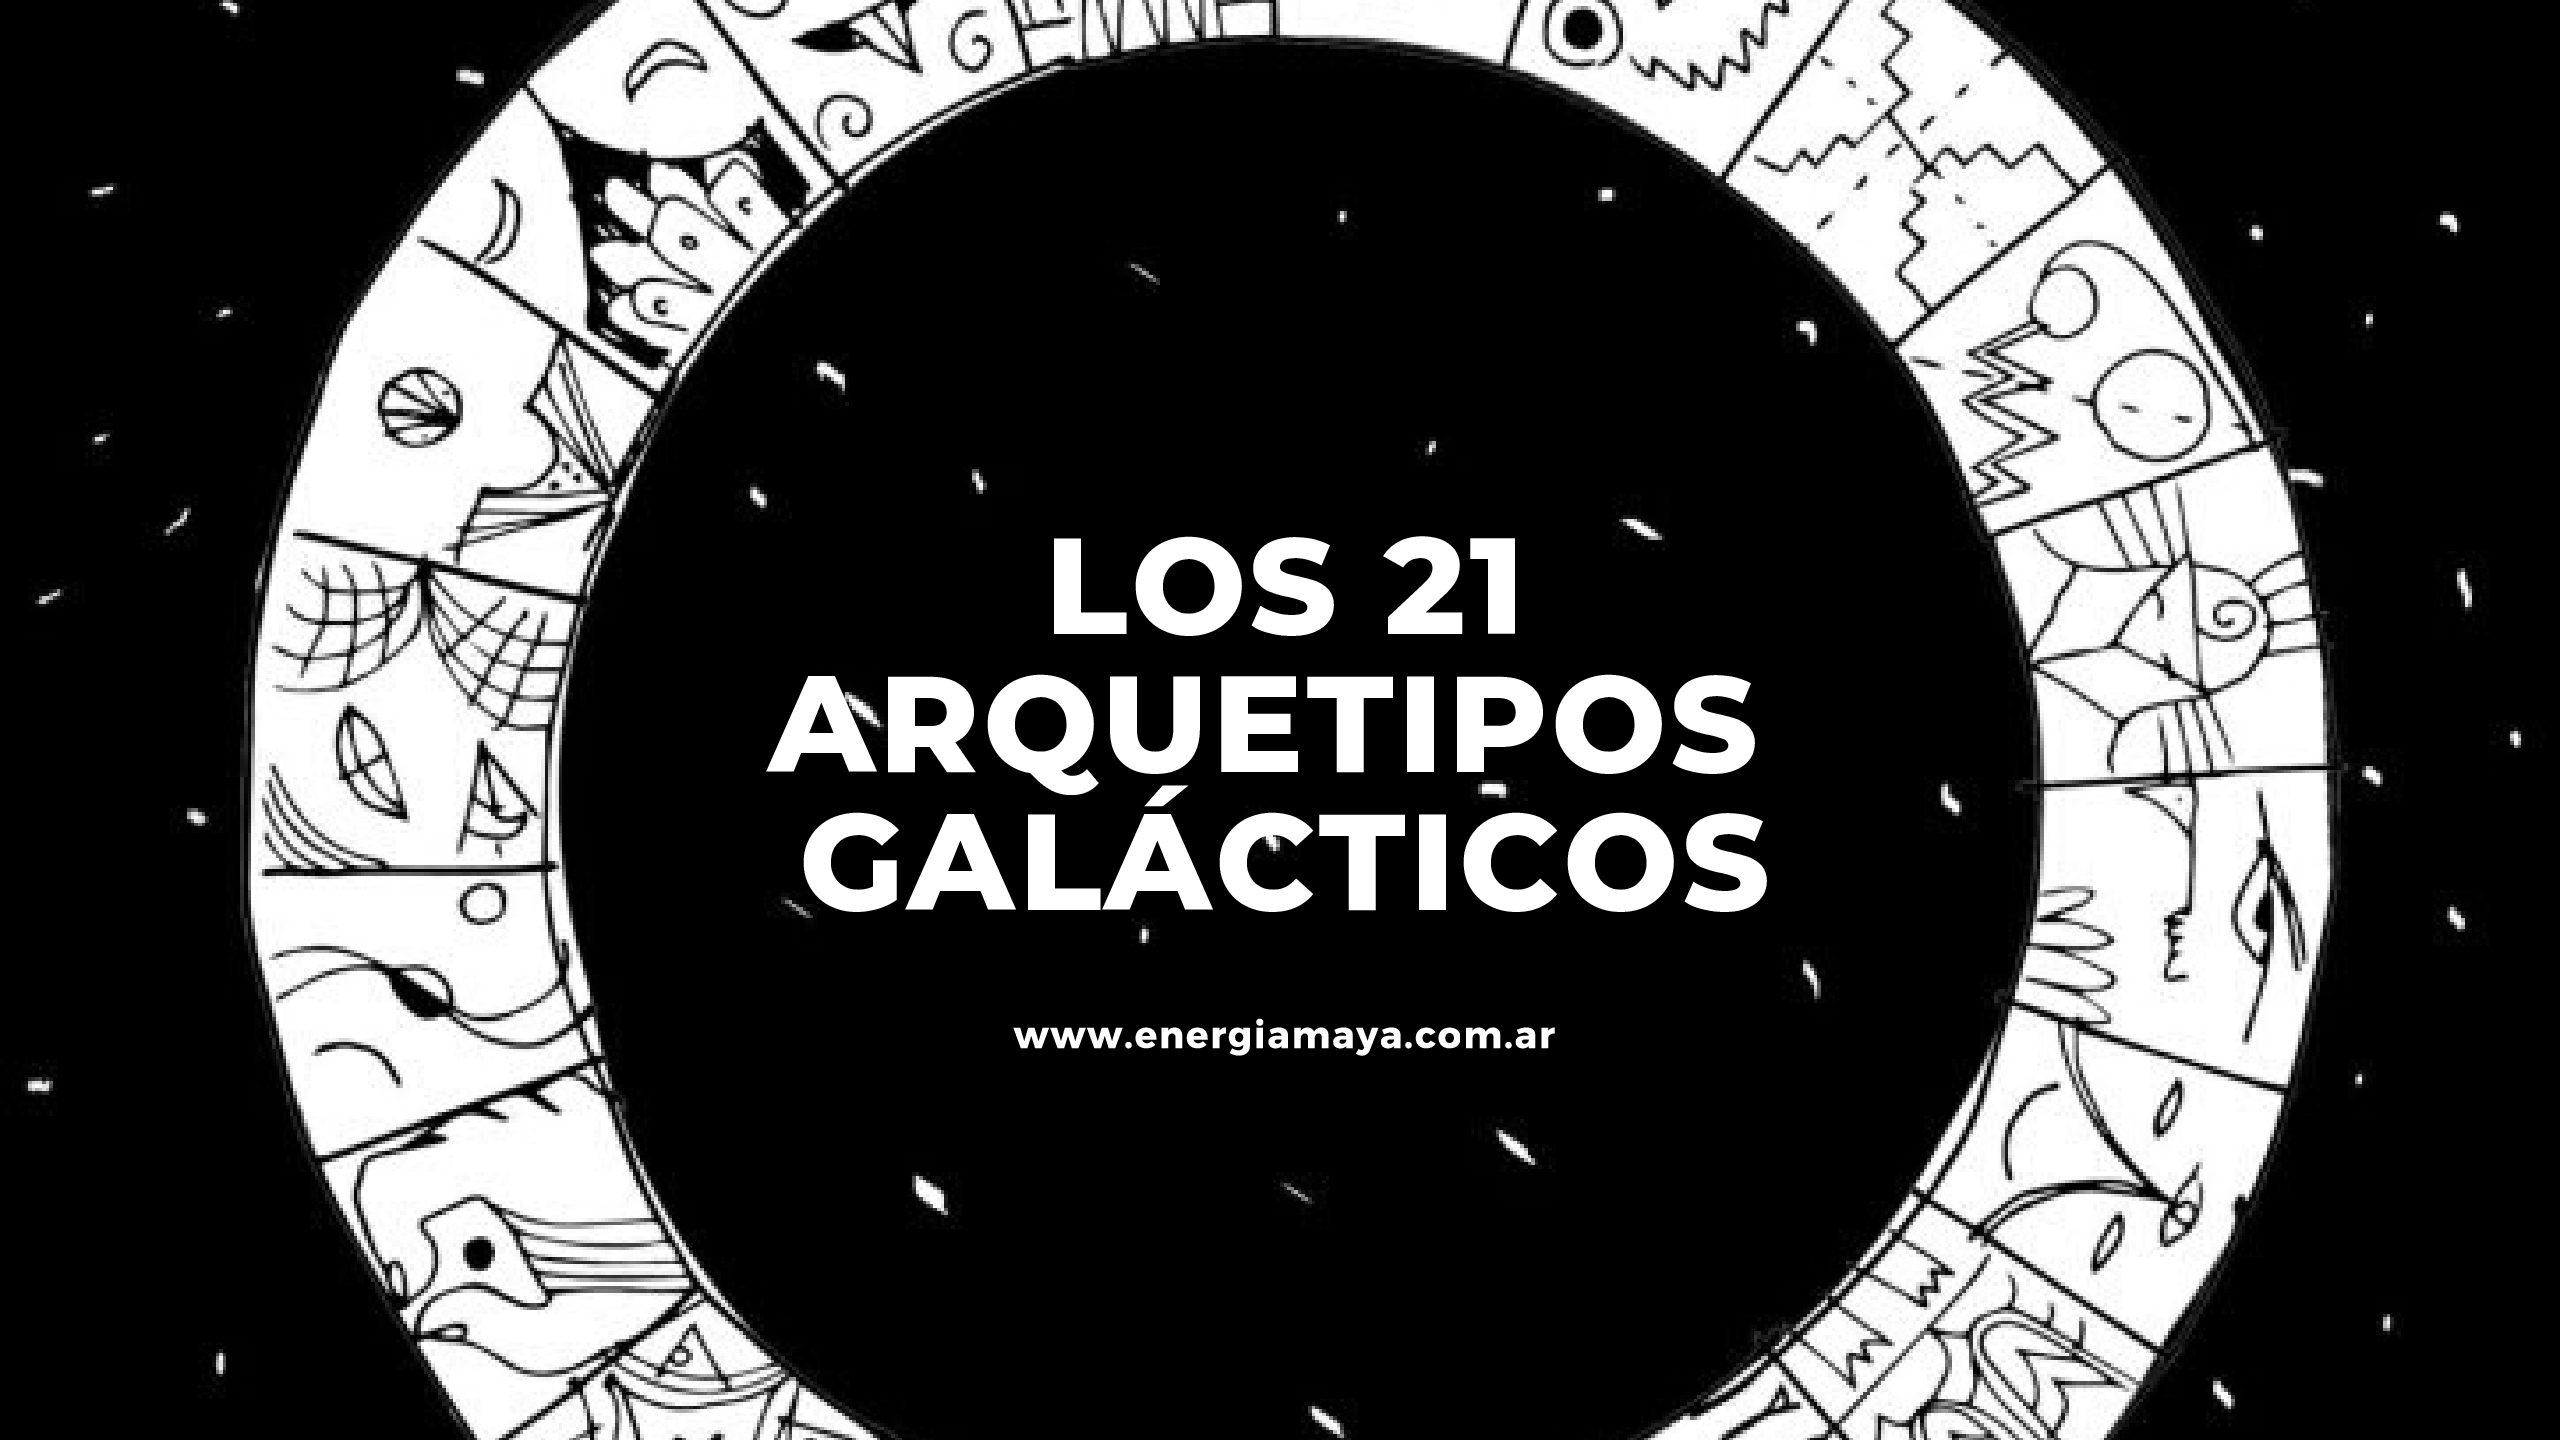 Los 21 Arquetipos Galácticos